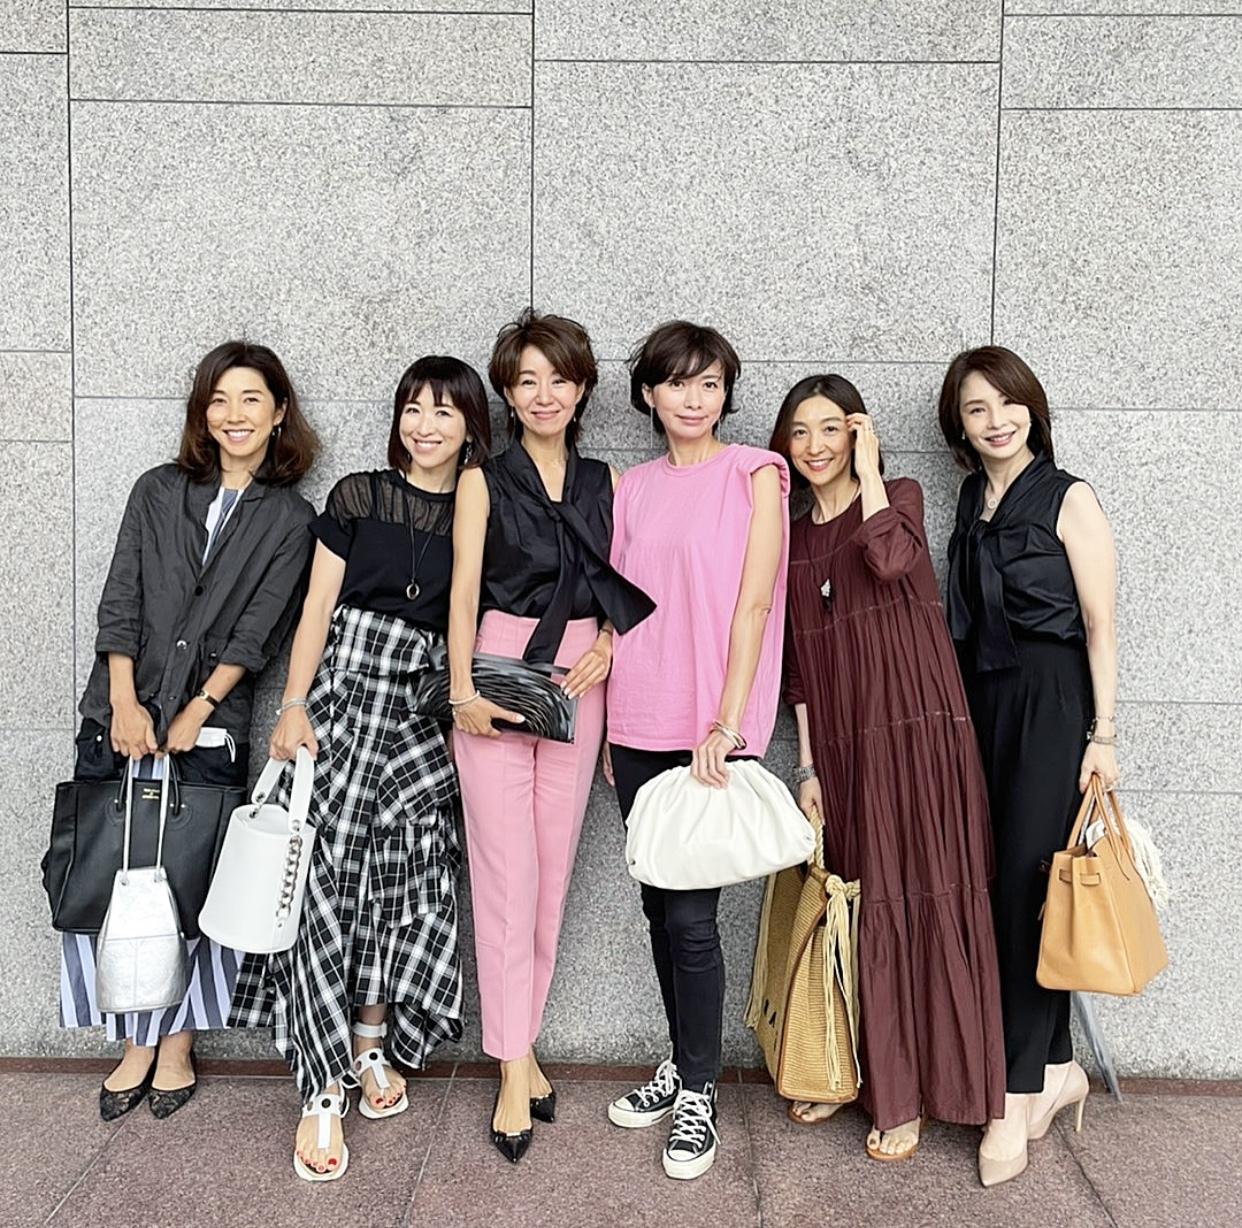 茶色ワンピ&エスニック小物◆誌面Snap_1_9